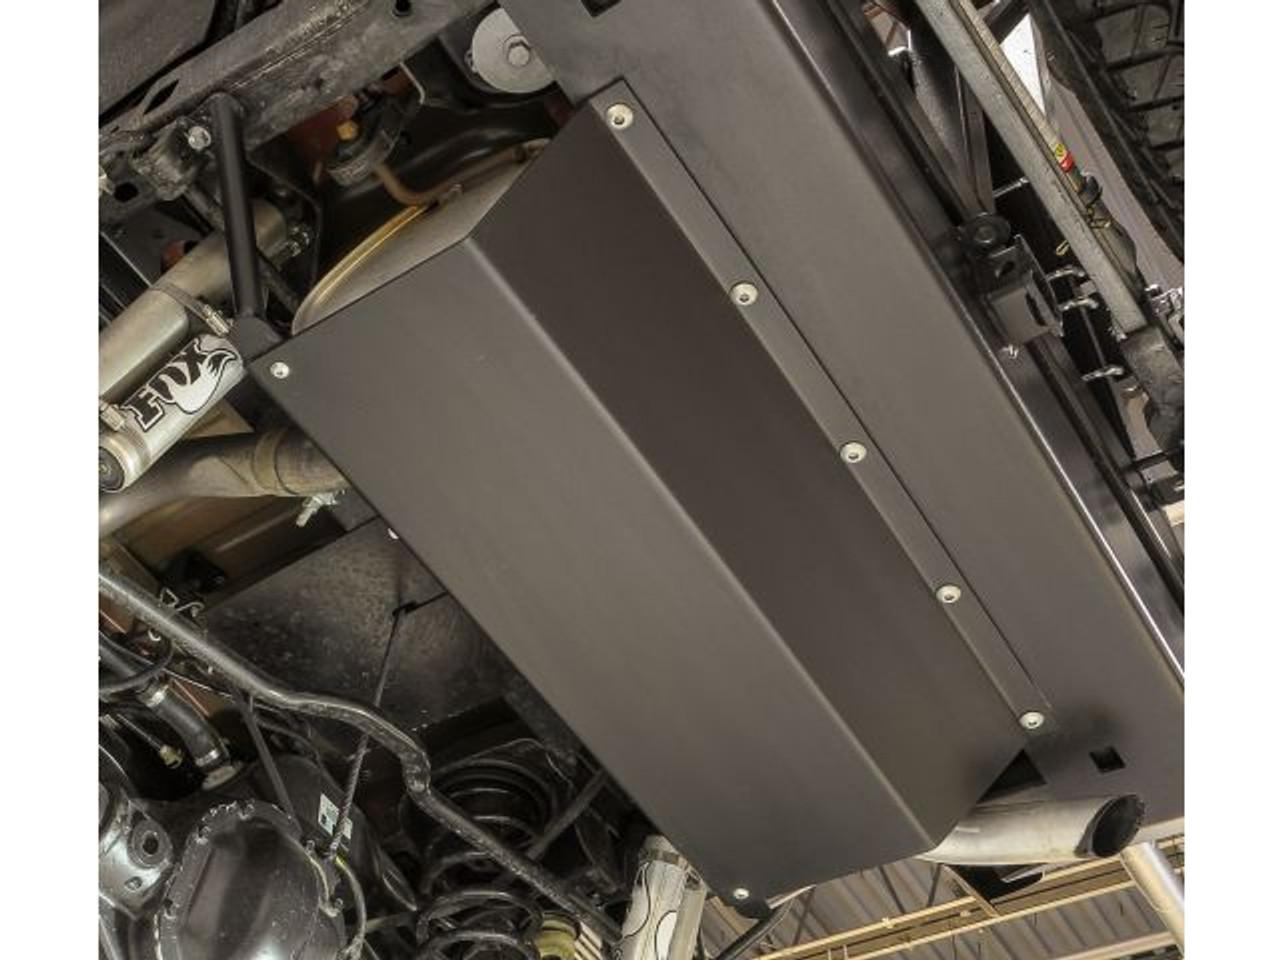 Rock Hard 4x4 RH-5001-A Muffler Skid Plate for JK in Steel